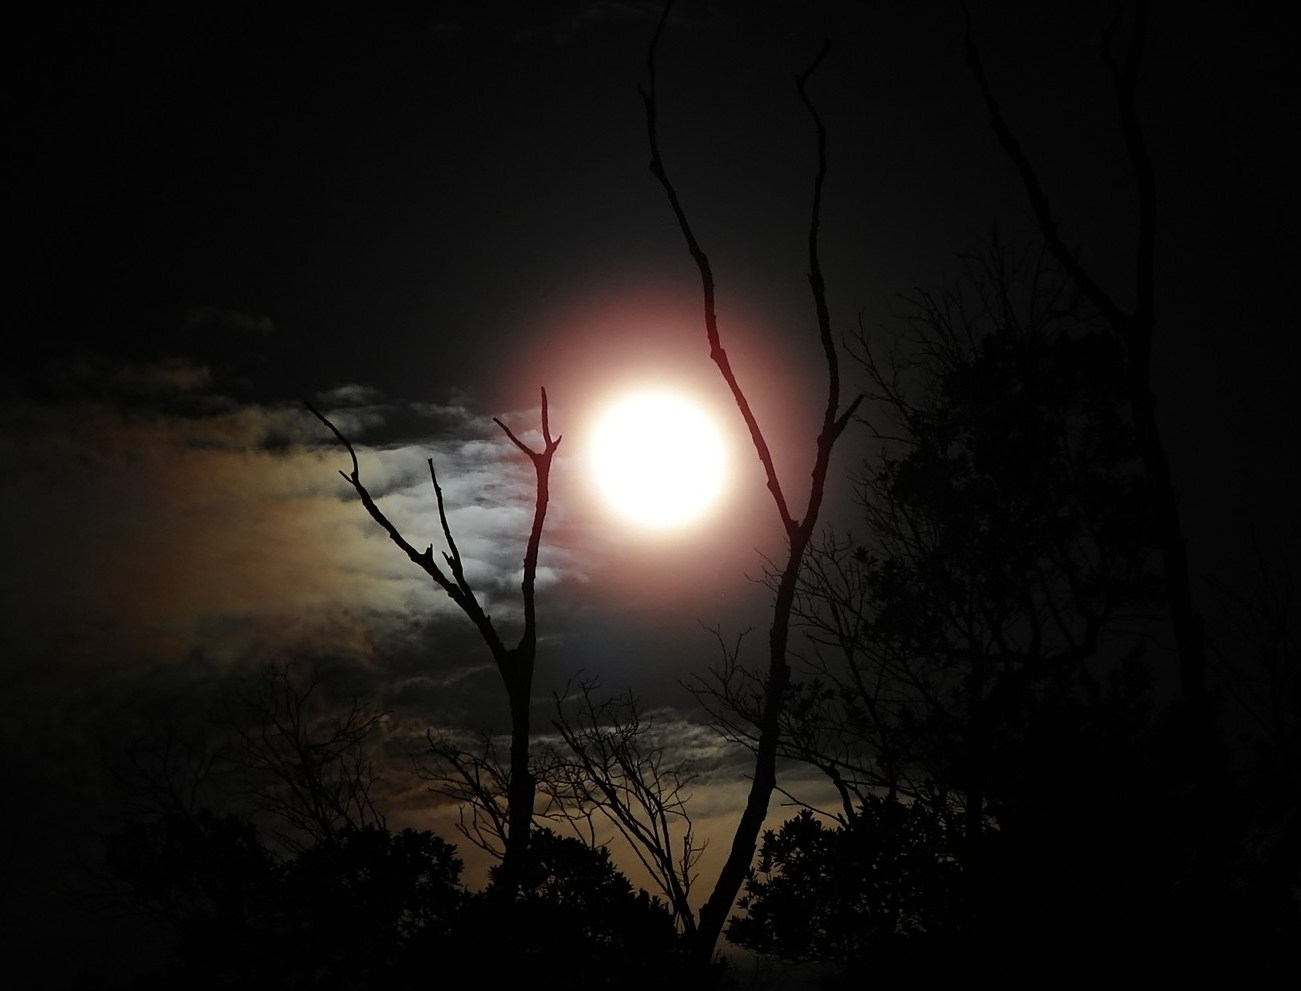 T l charger photos la nuit du loup gratuitement - Bruit dans les combles la nuit ...